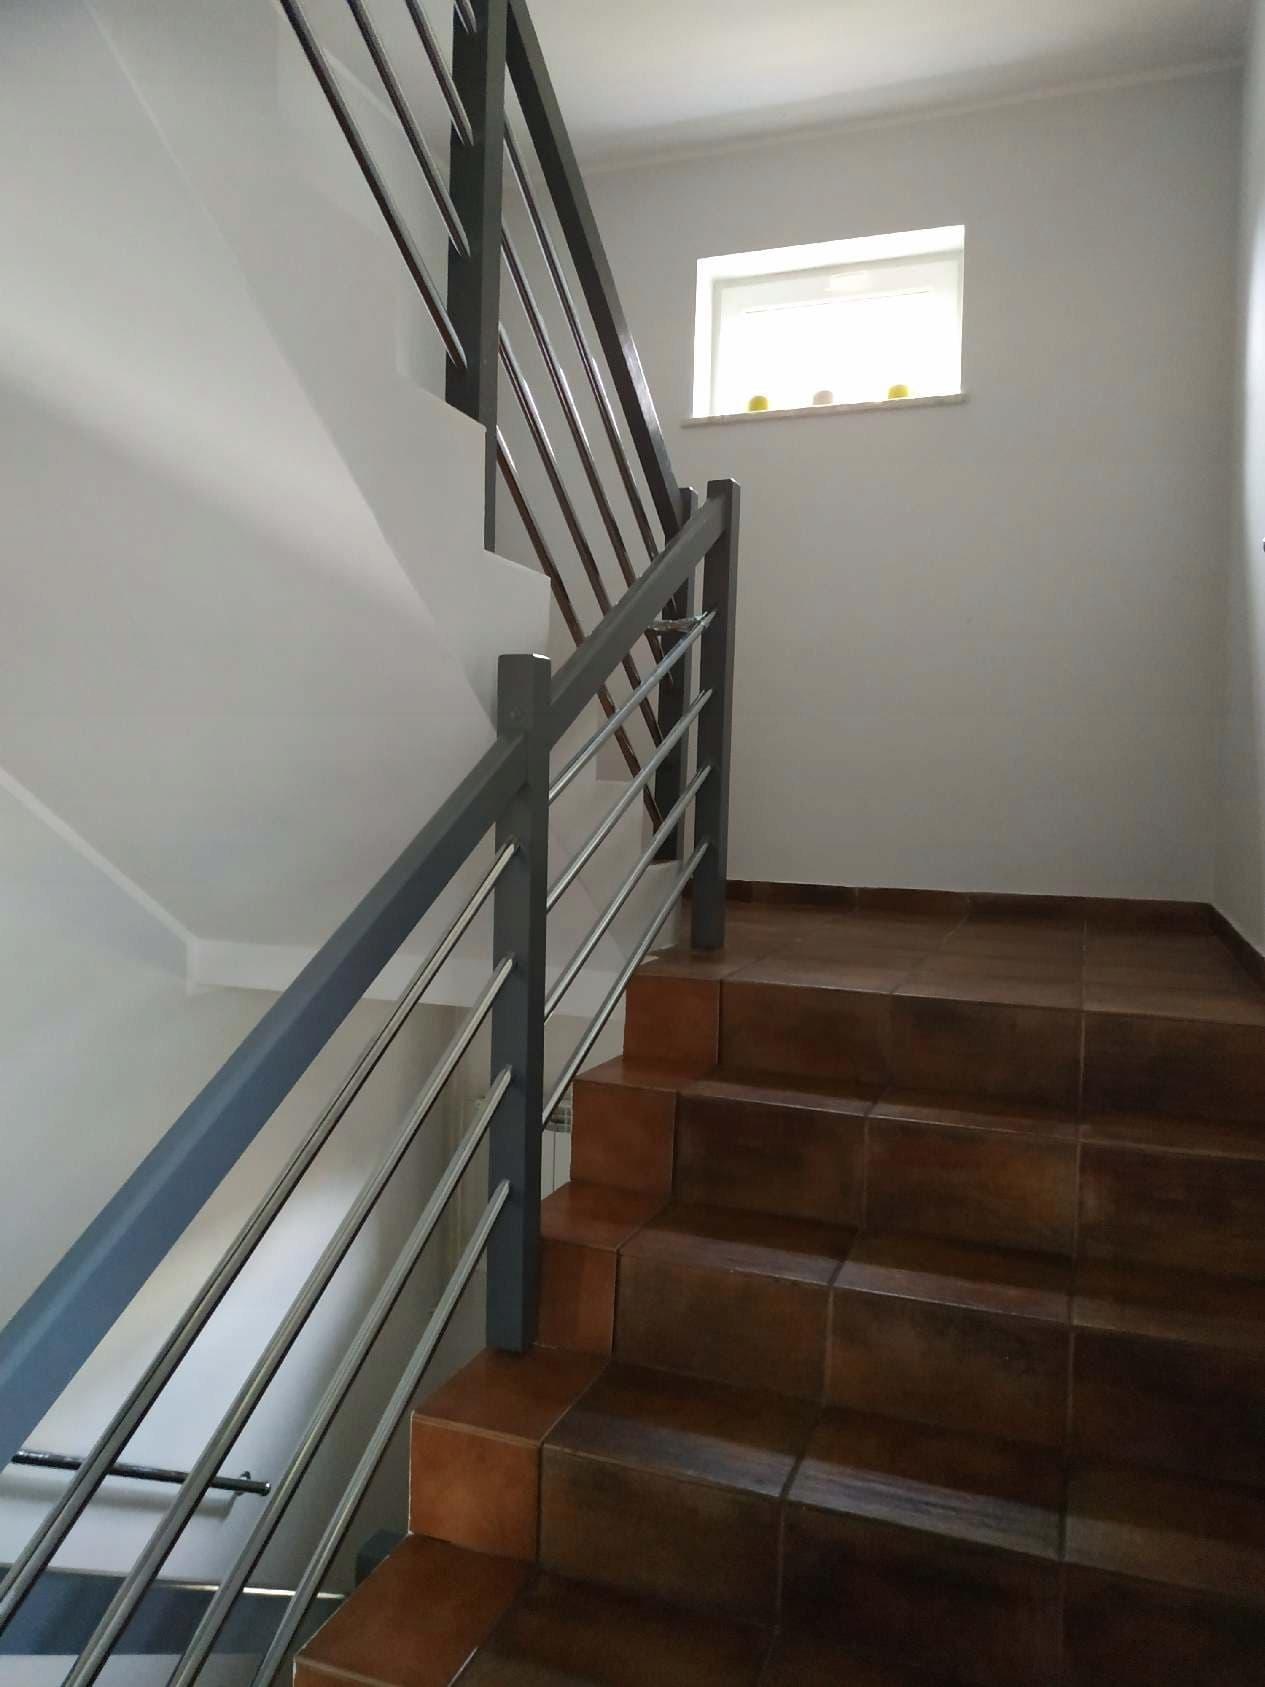 Kompletna Balustrada Schodowa Drewniana Porecz 8809715625 Allegro Pl